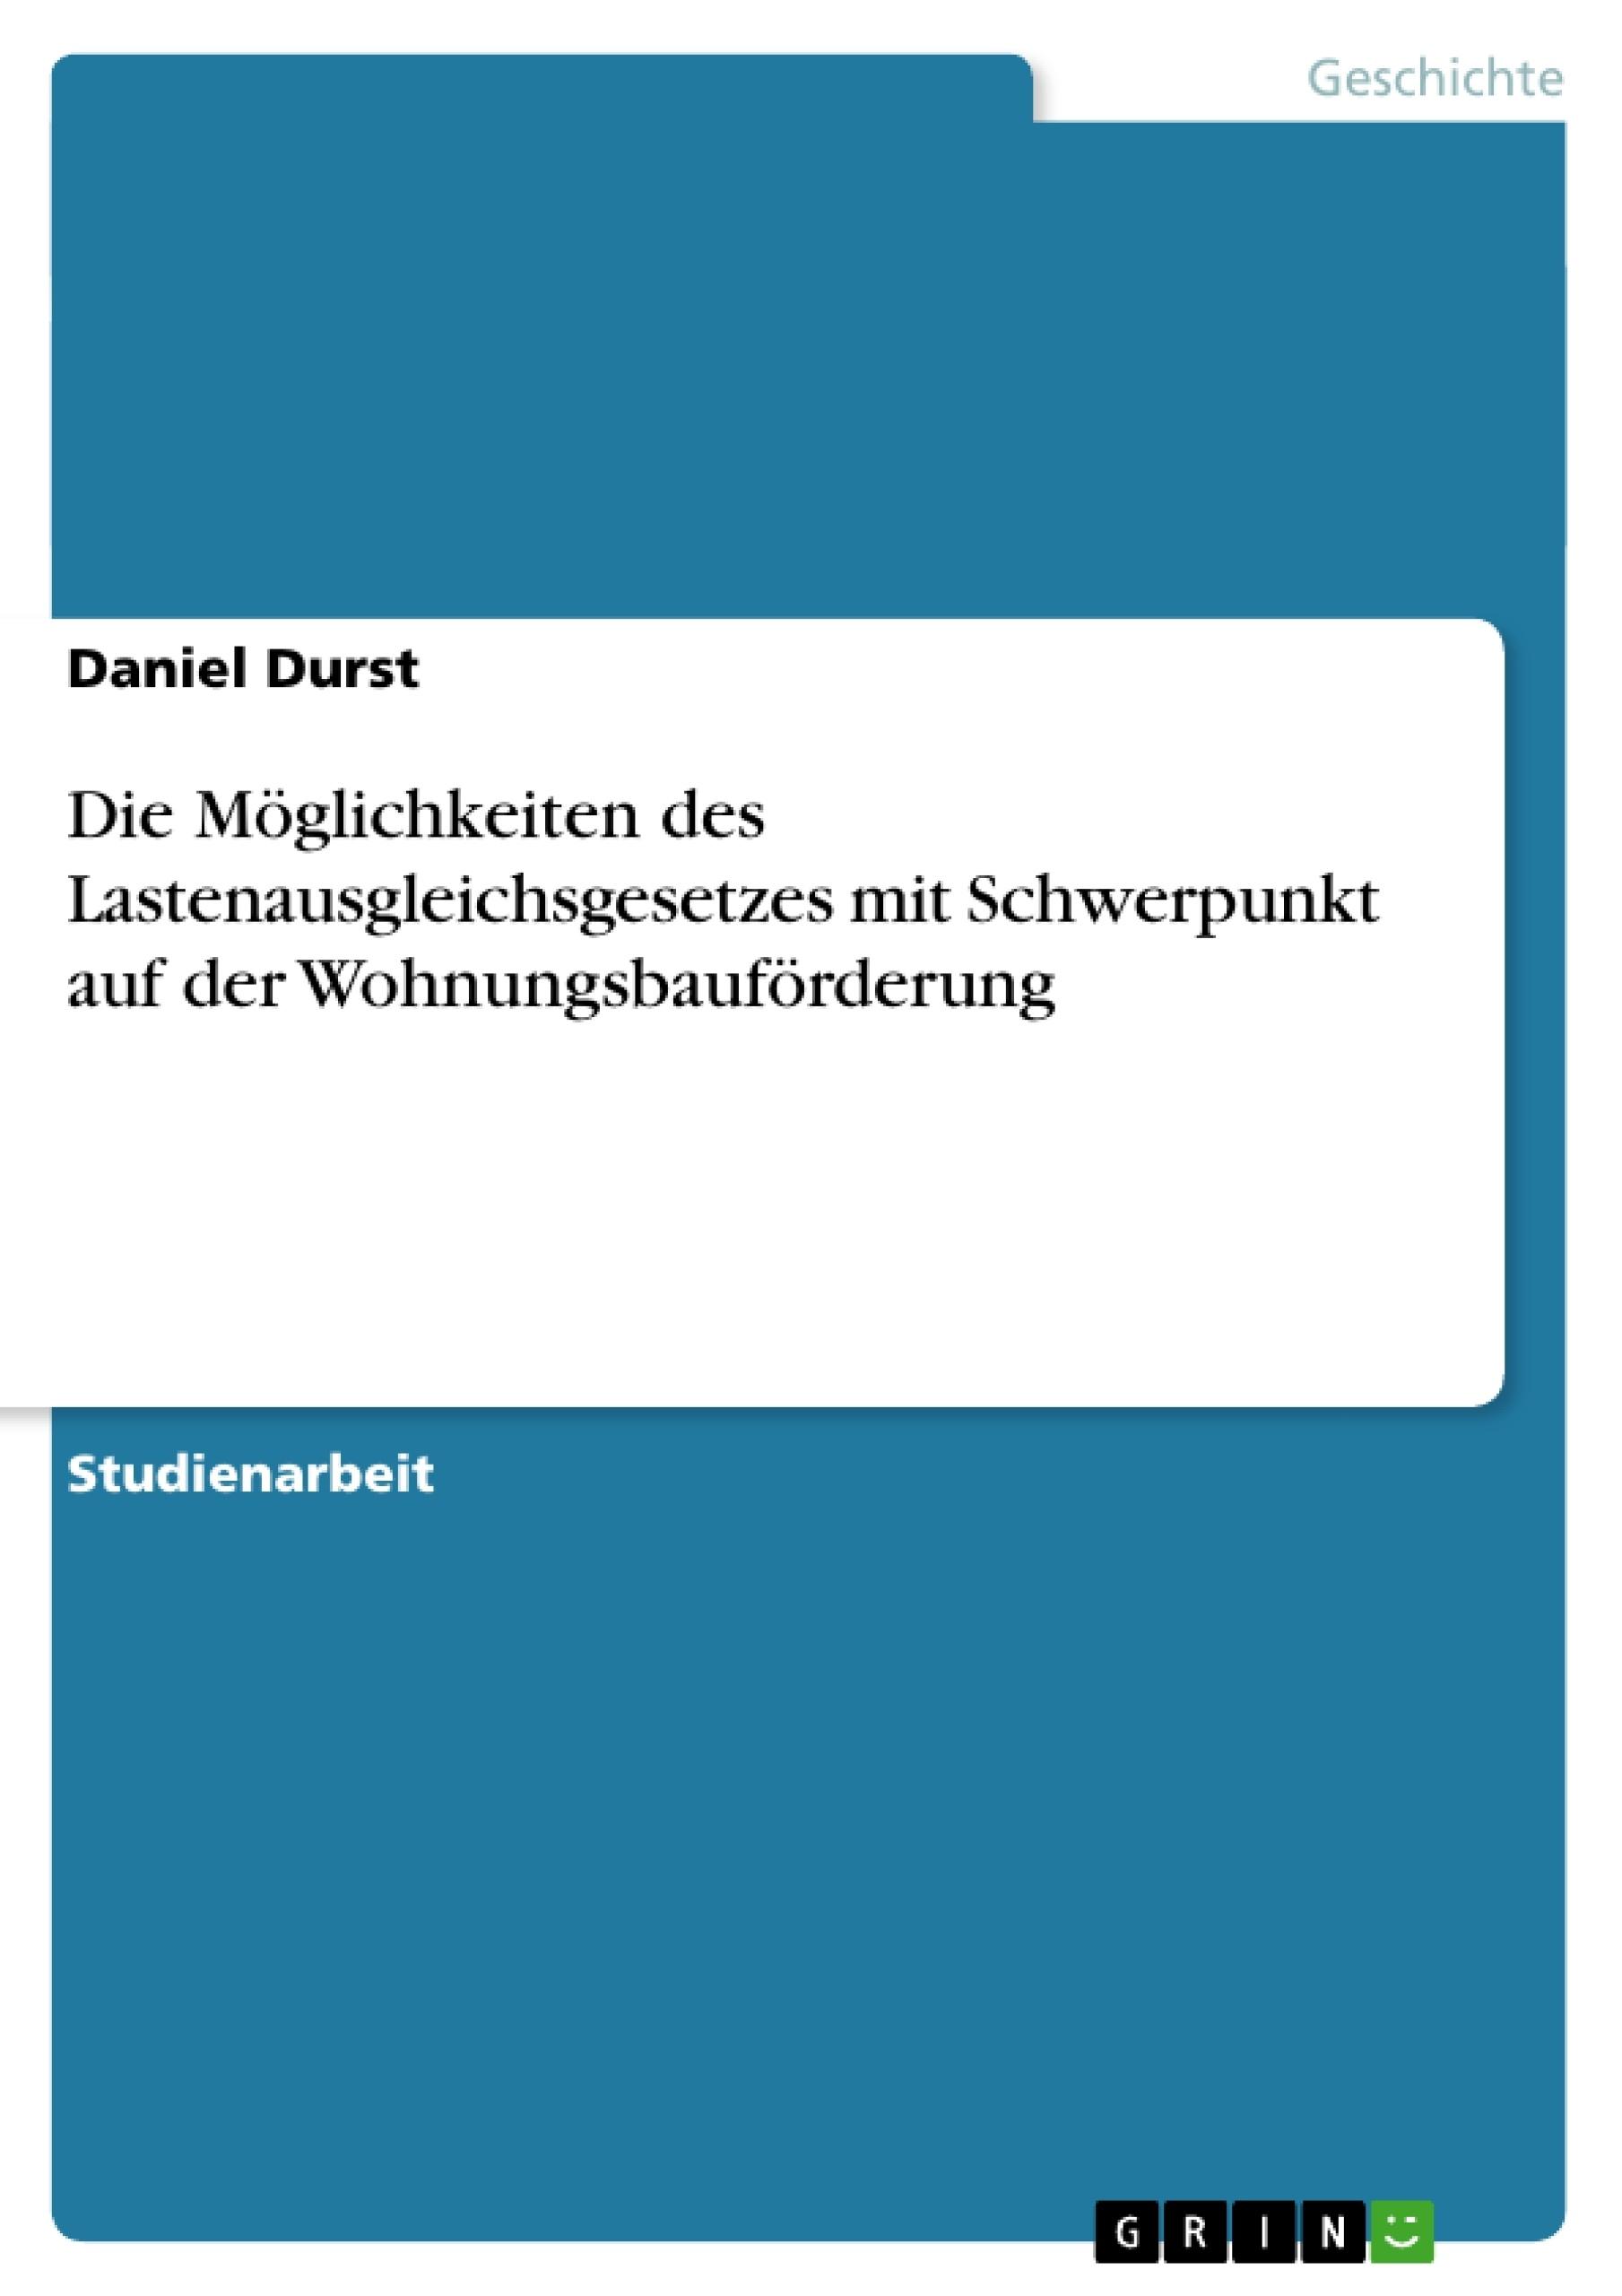 Titel: Die Möglichkeiten des Lastenausgleichsgesetzes mit Schwerpunkt auf der Wohnungsbauförderung